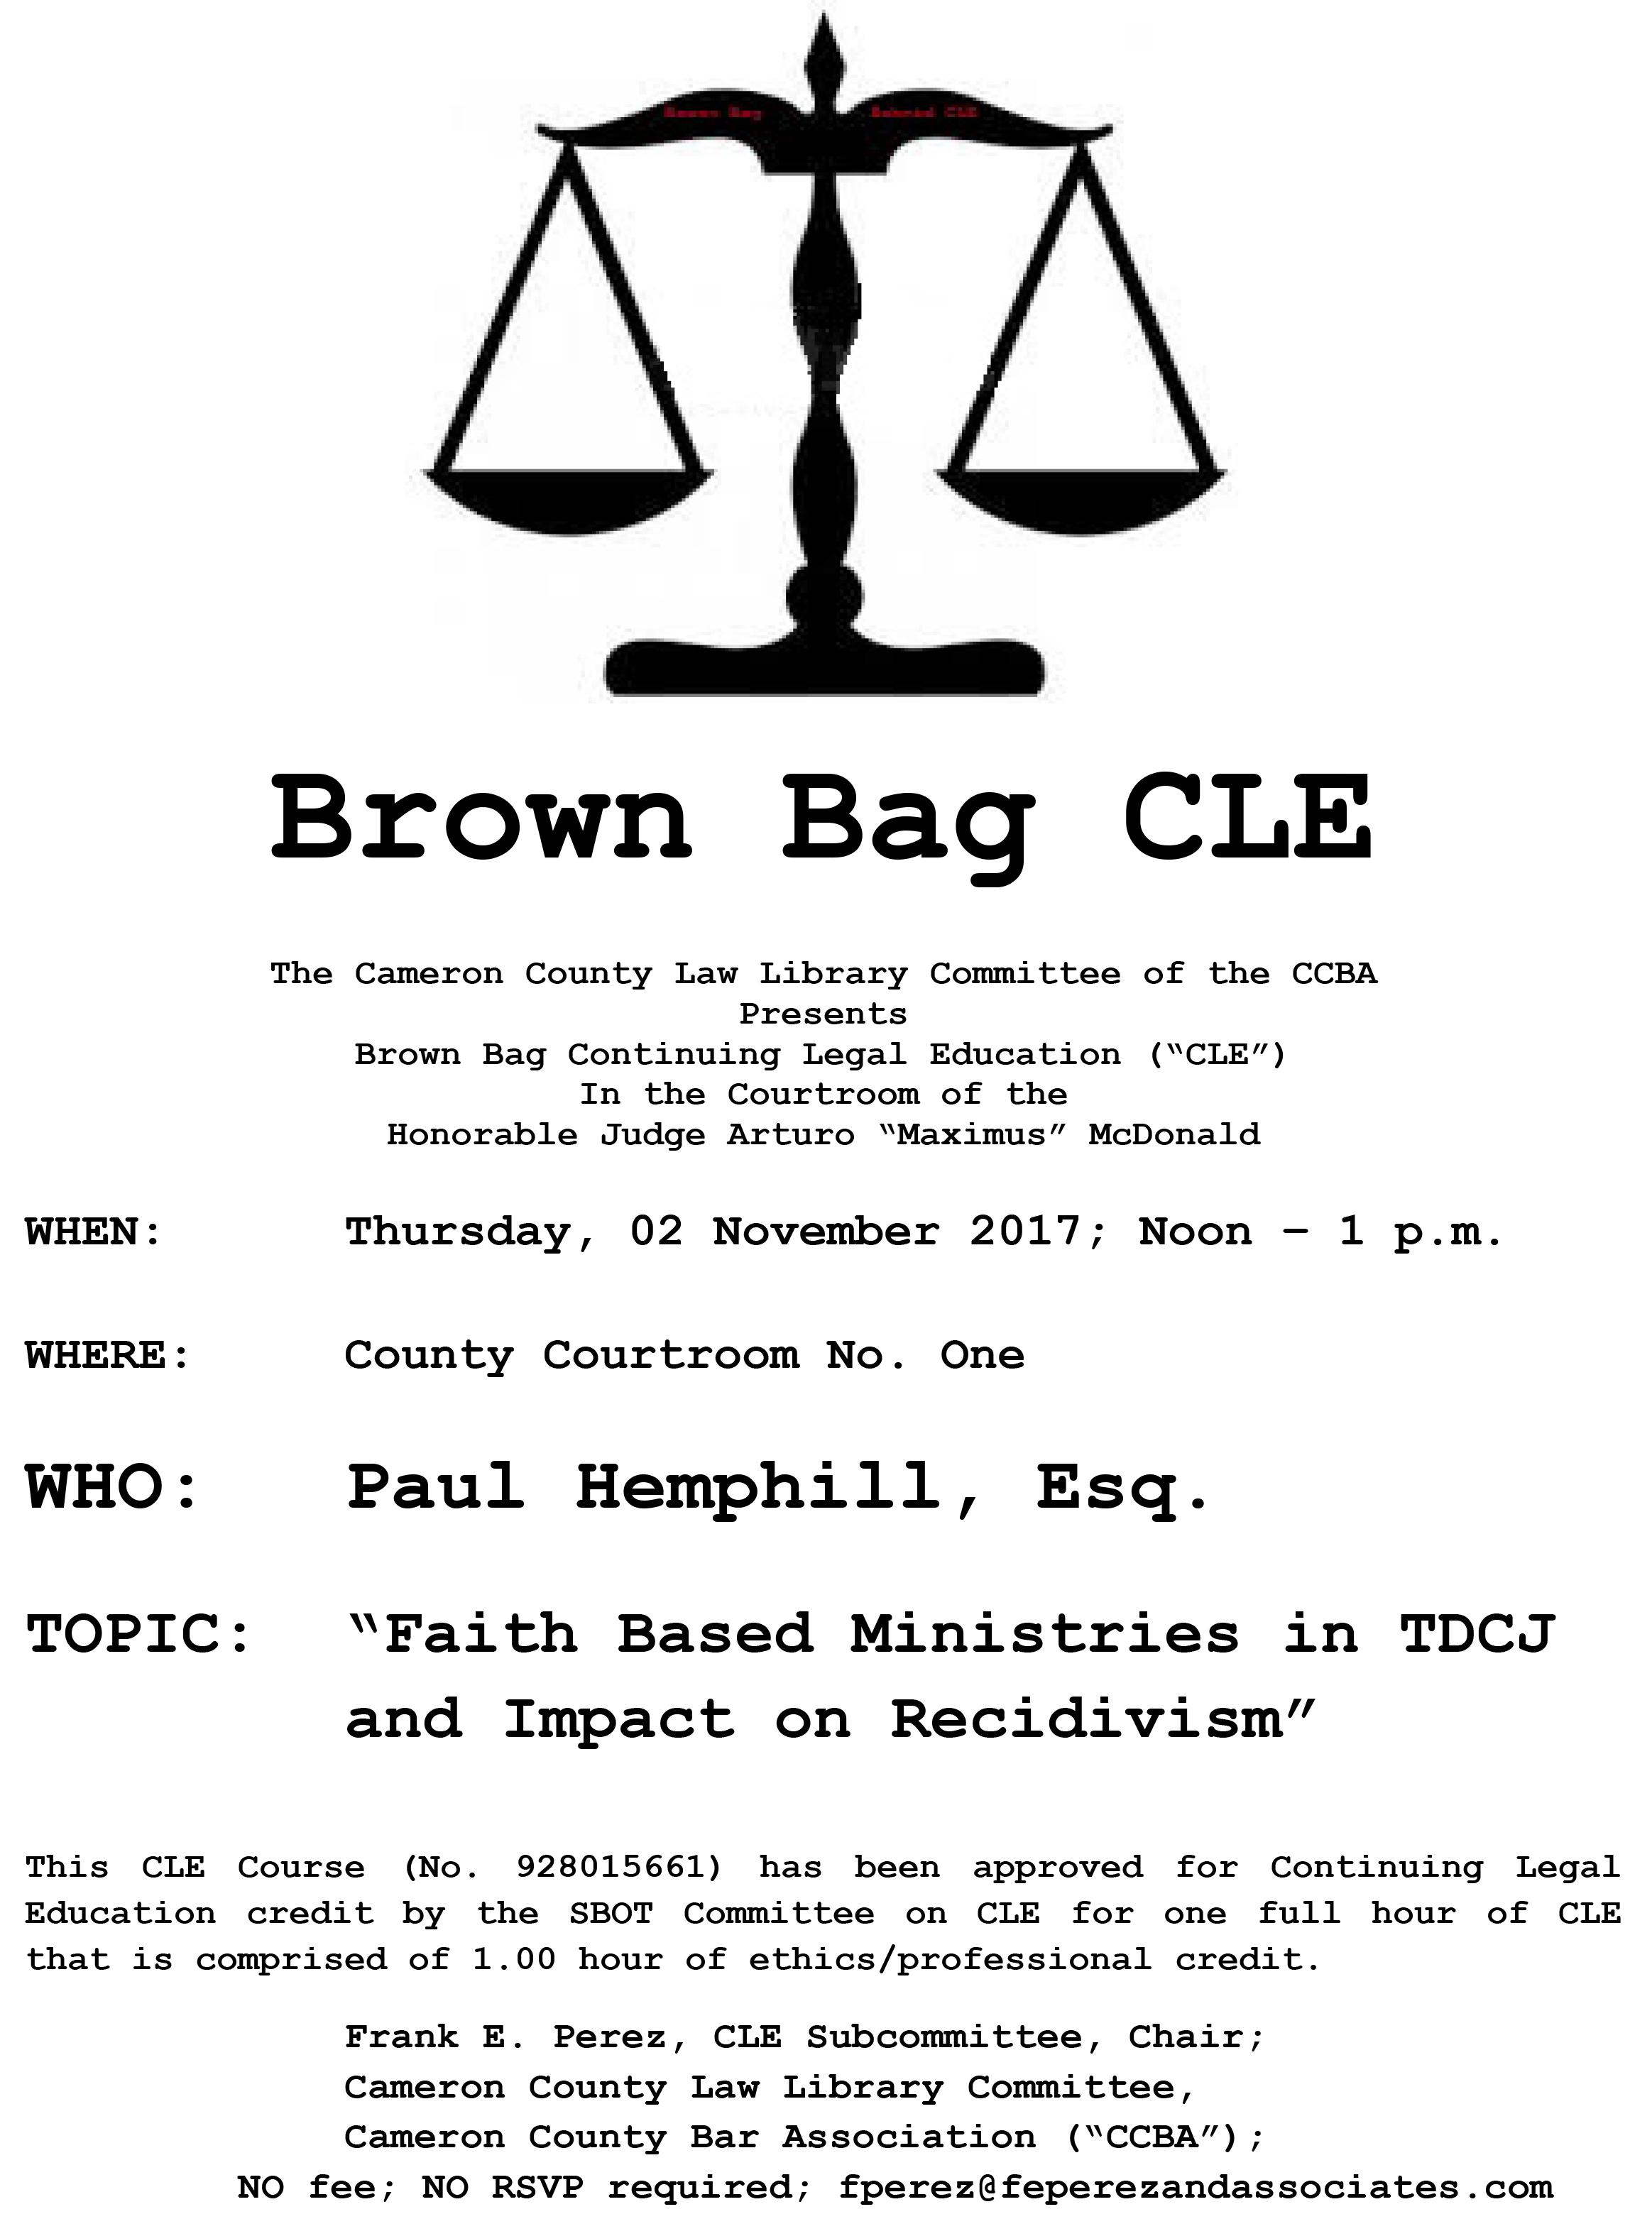 Brown Bag Flyer for Nov 2, 2017.jpg